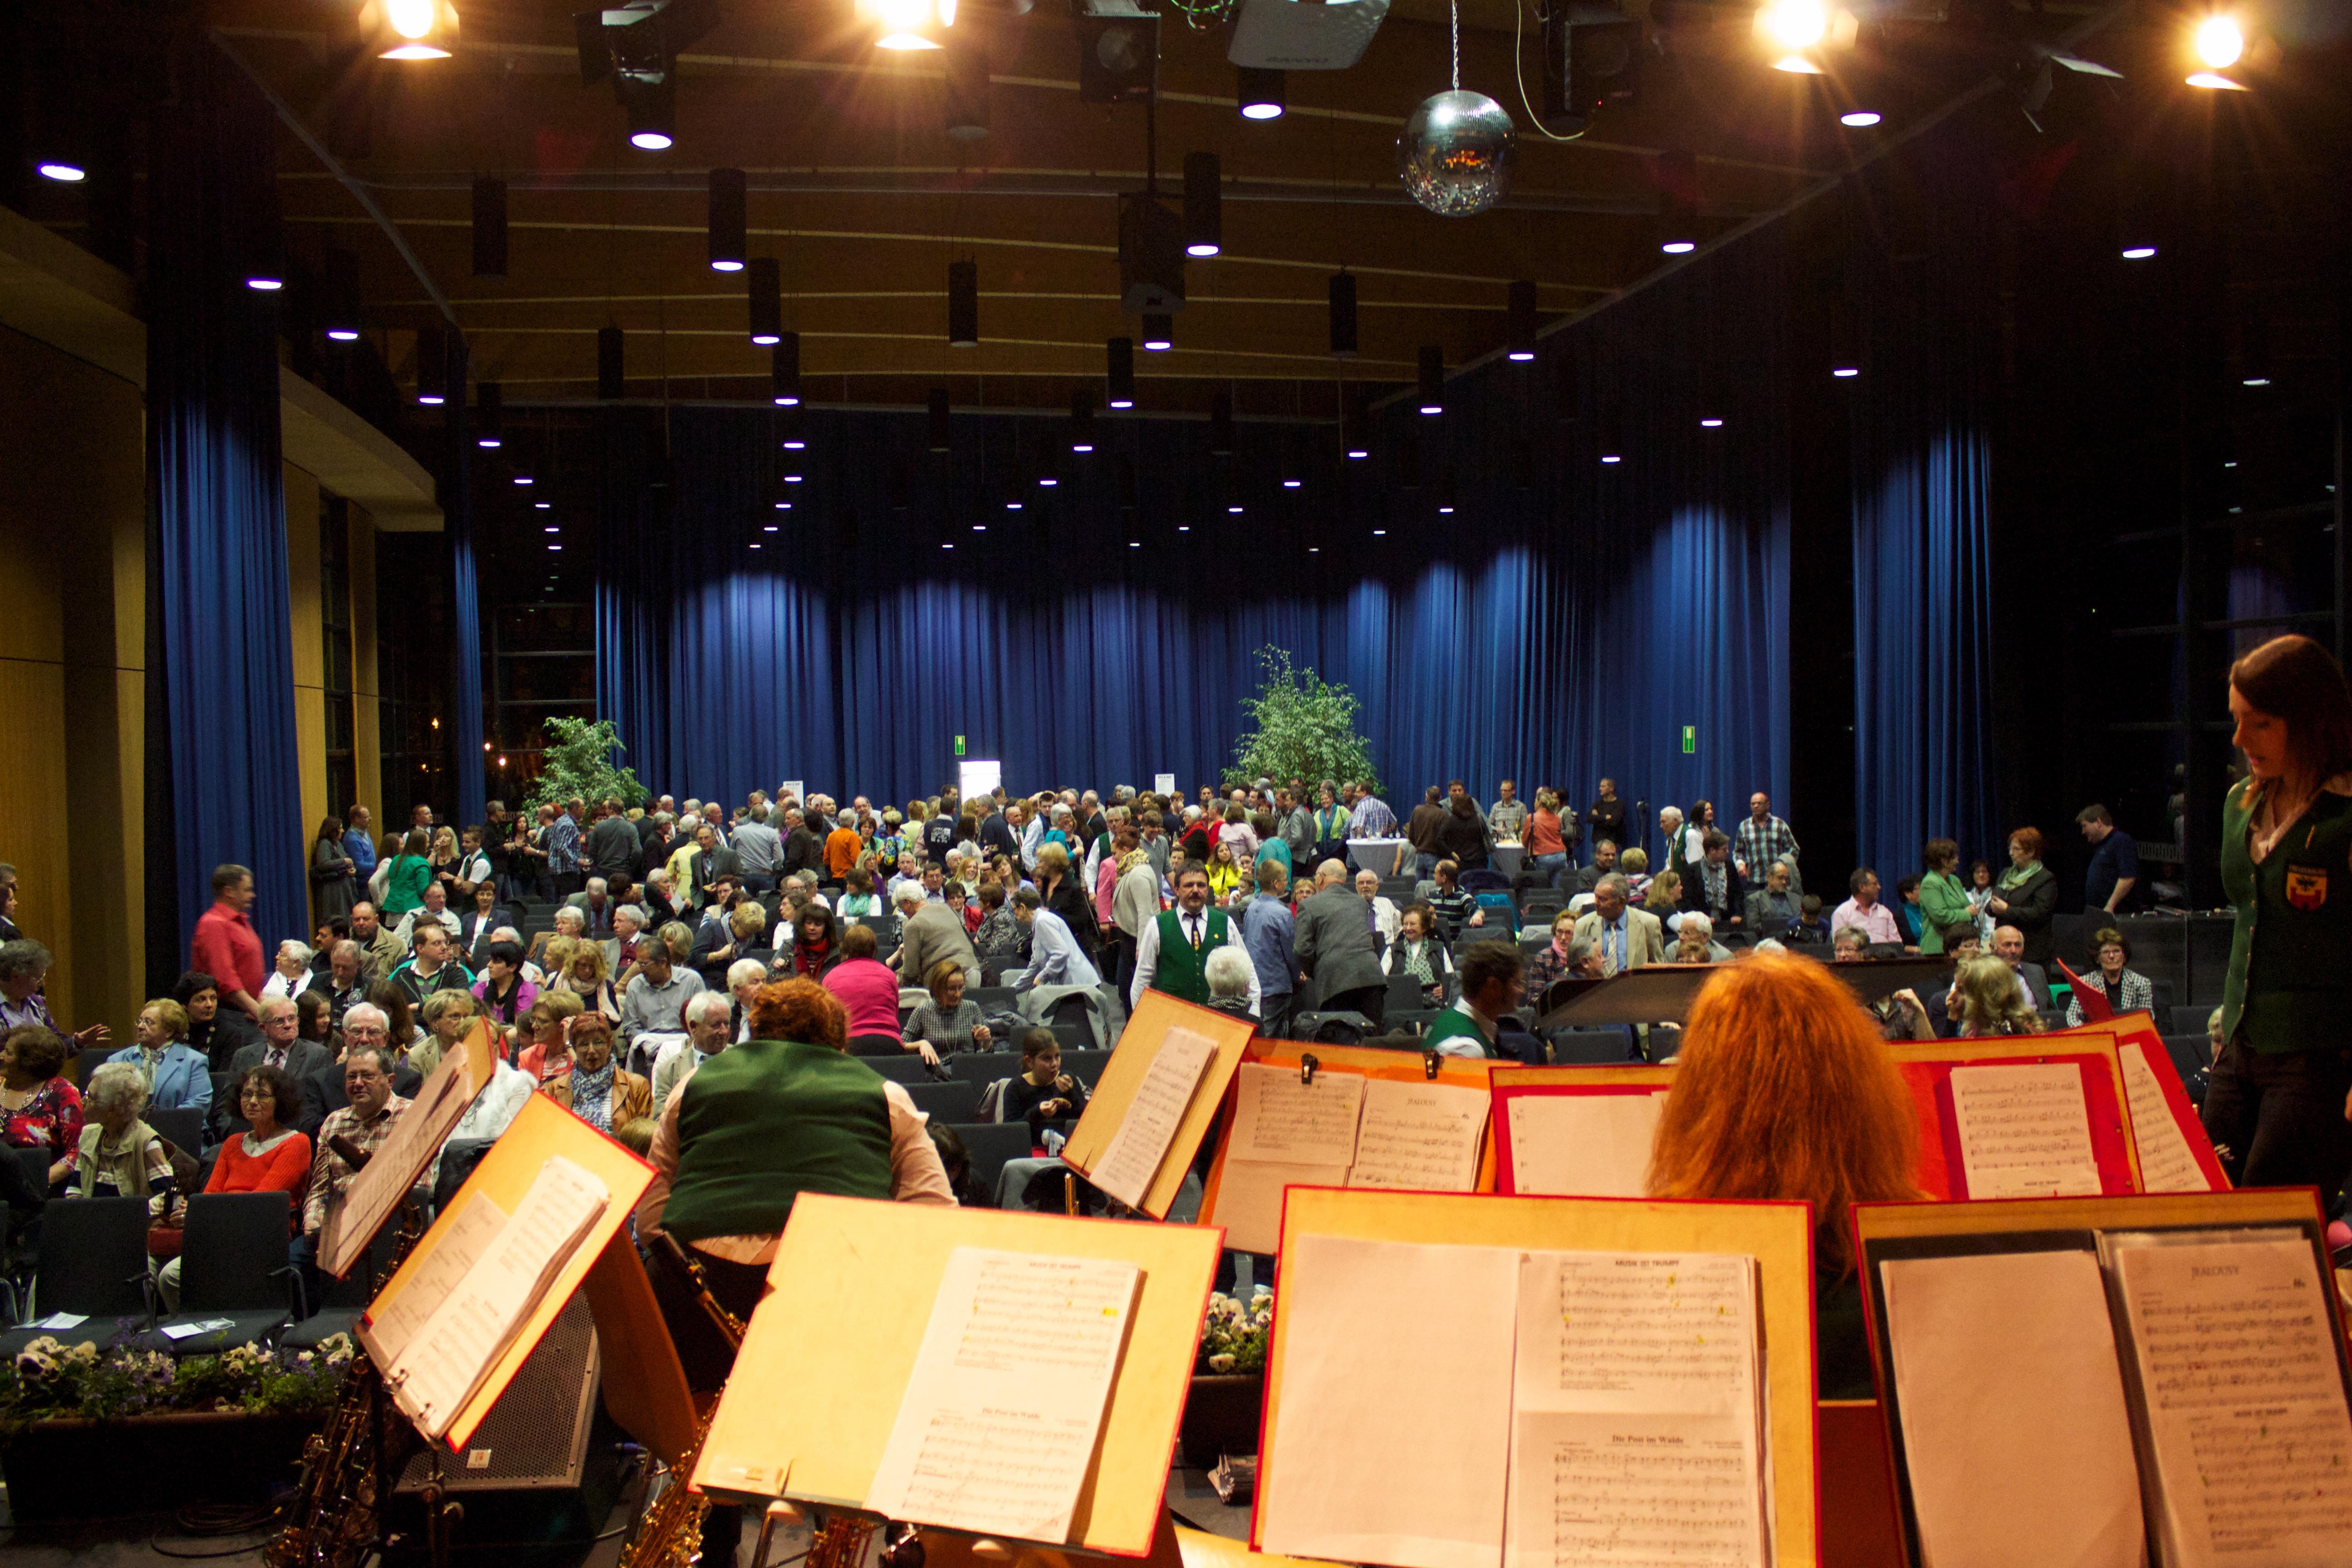 Atrium aus Sicht des Orchesters